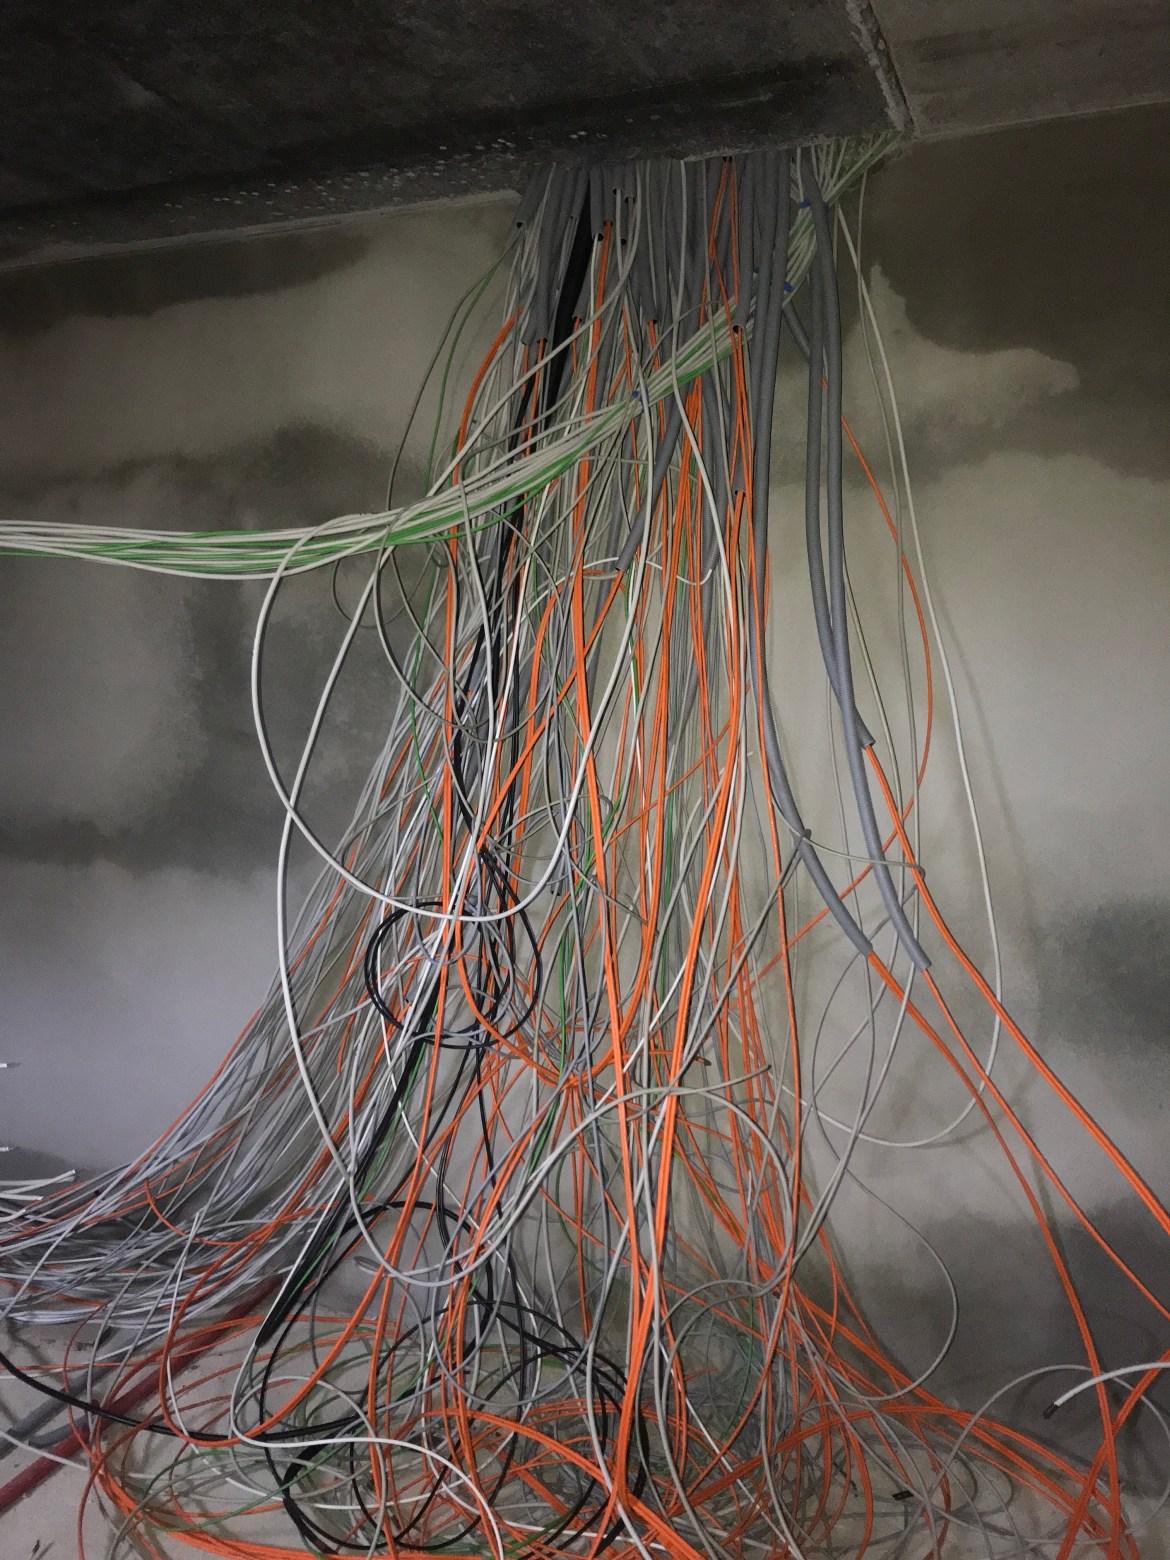 Sooo viele Kabel, wobei ich mit mehr KNX Kabeln gerechnet habe